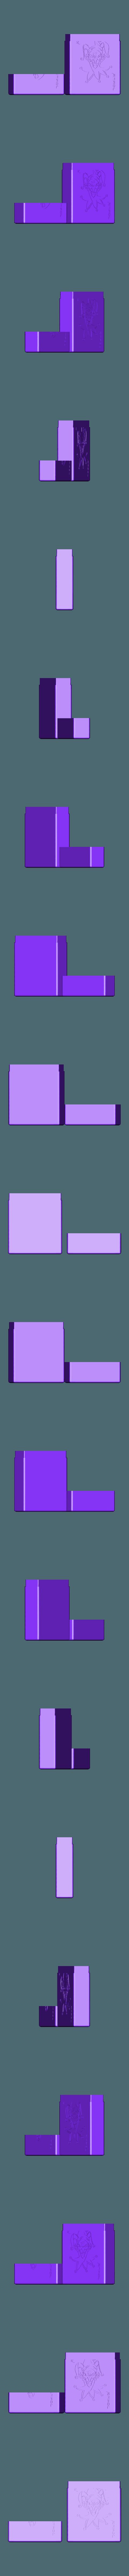 Joker 2 Bicycle Card Box v2 v4.stl Télécharger fichier STL gratuit Boîte de cartes à jouer Joker • Plan pour imprimante 3D, WW3D